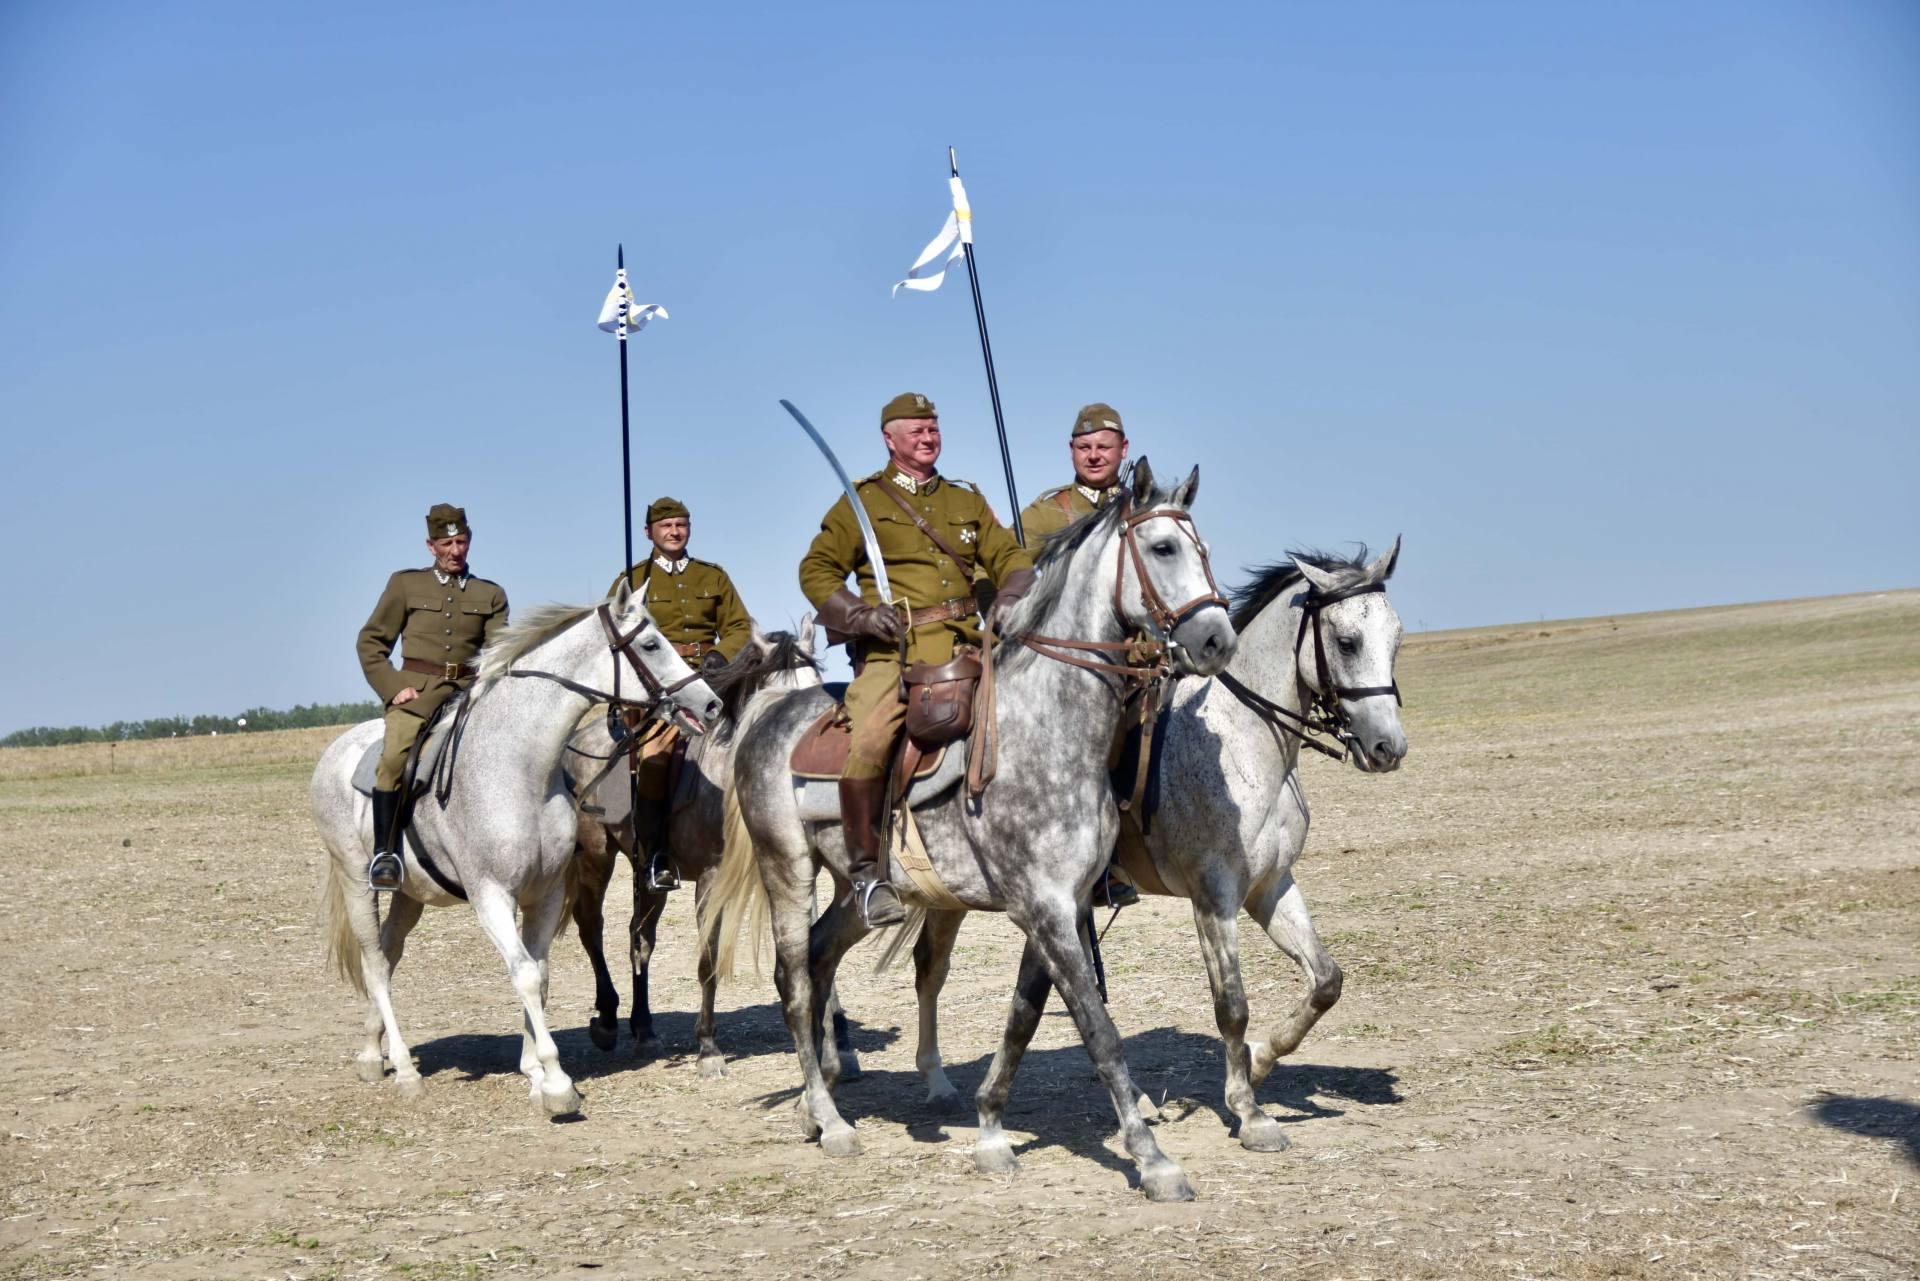 dsc 1148 Czas szabli - 100 rocznica bitwy pod Komarowem(zdjęcia)